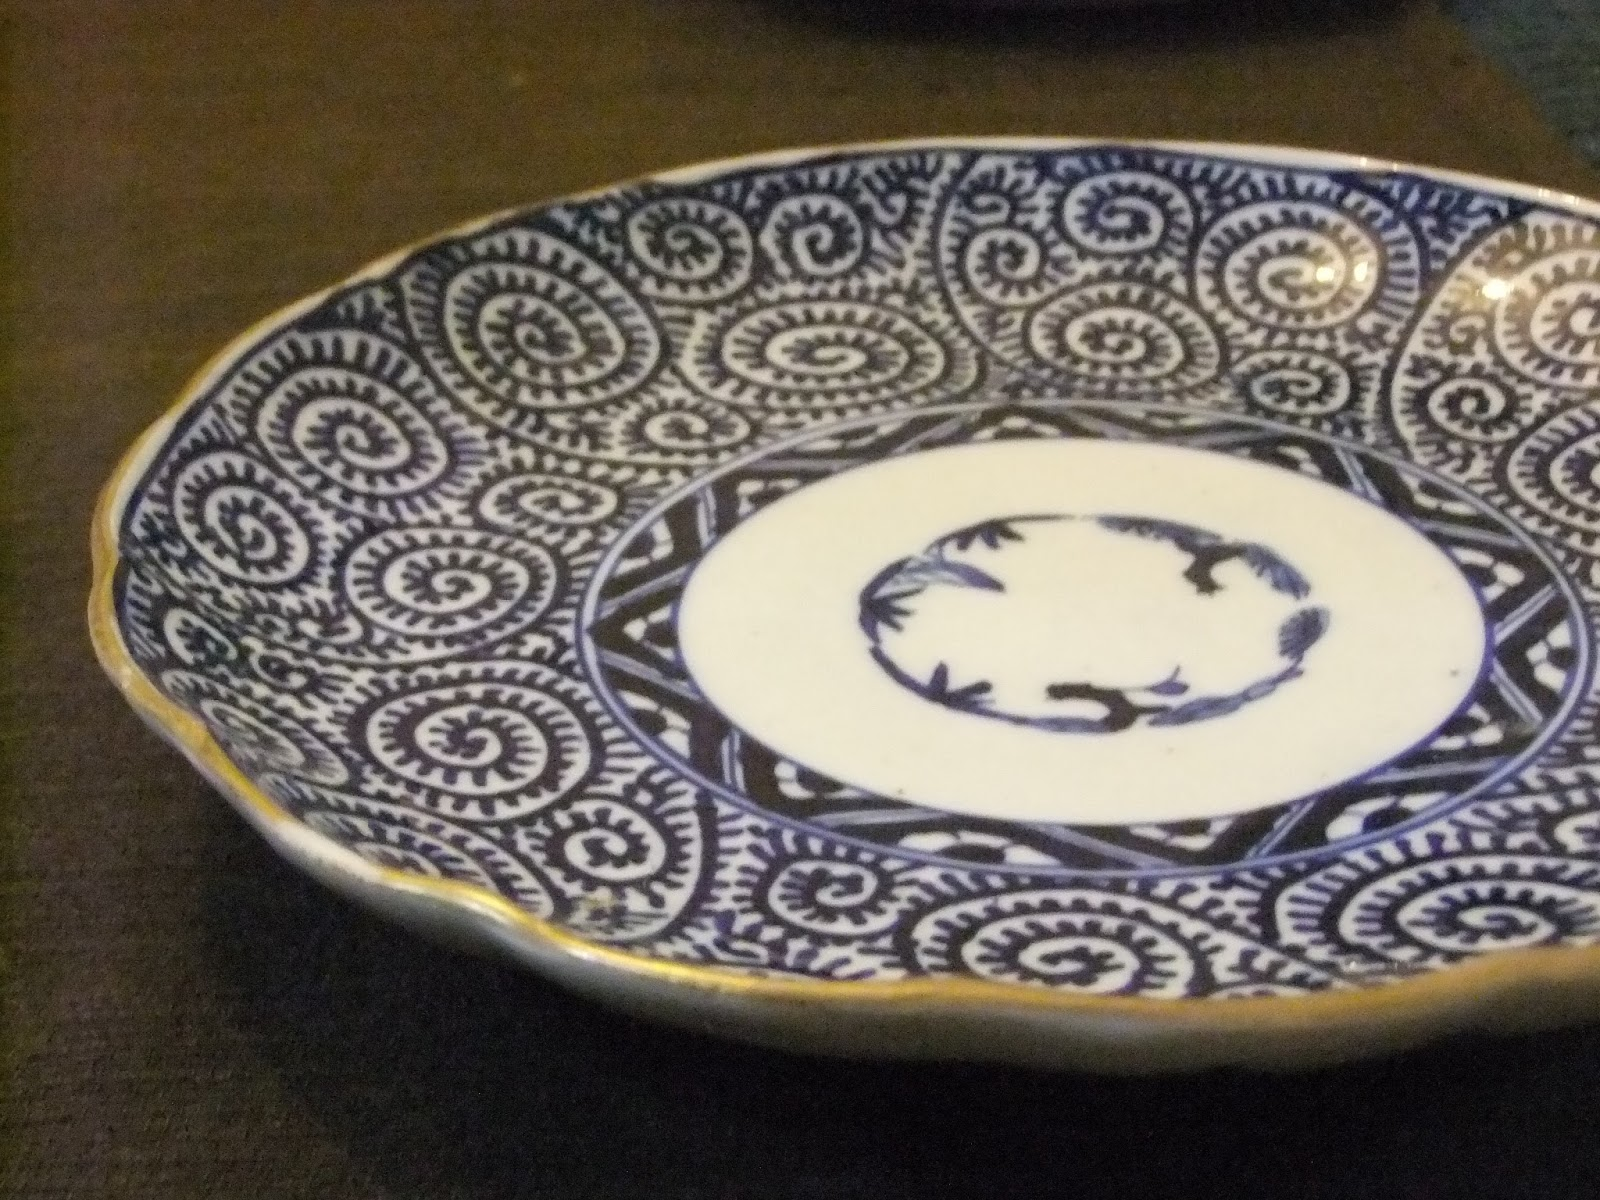 100年前の日本の食器たち                        「吉祥寺Puku Puku」